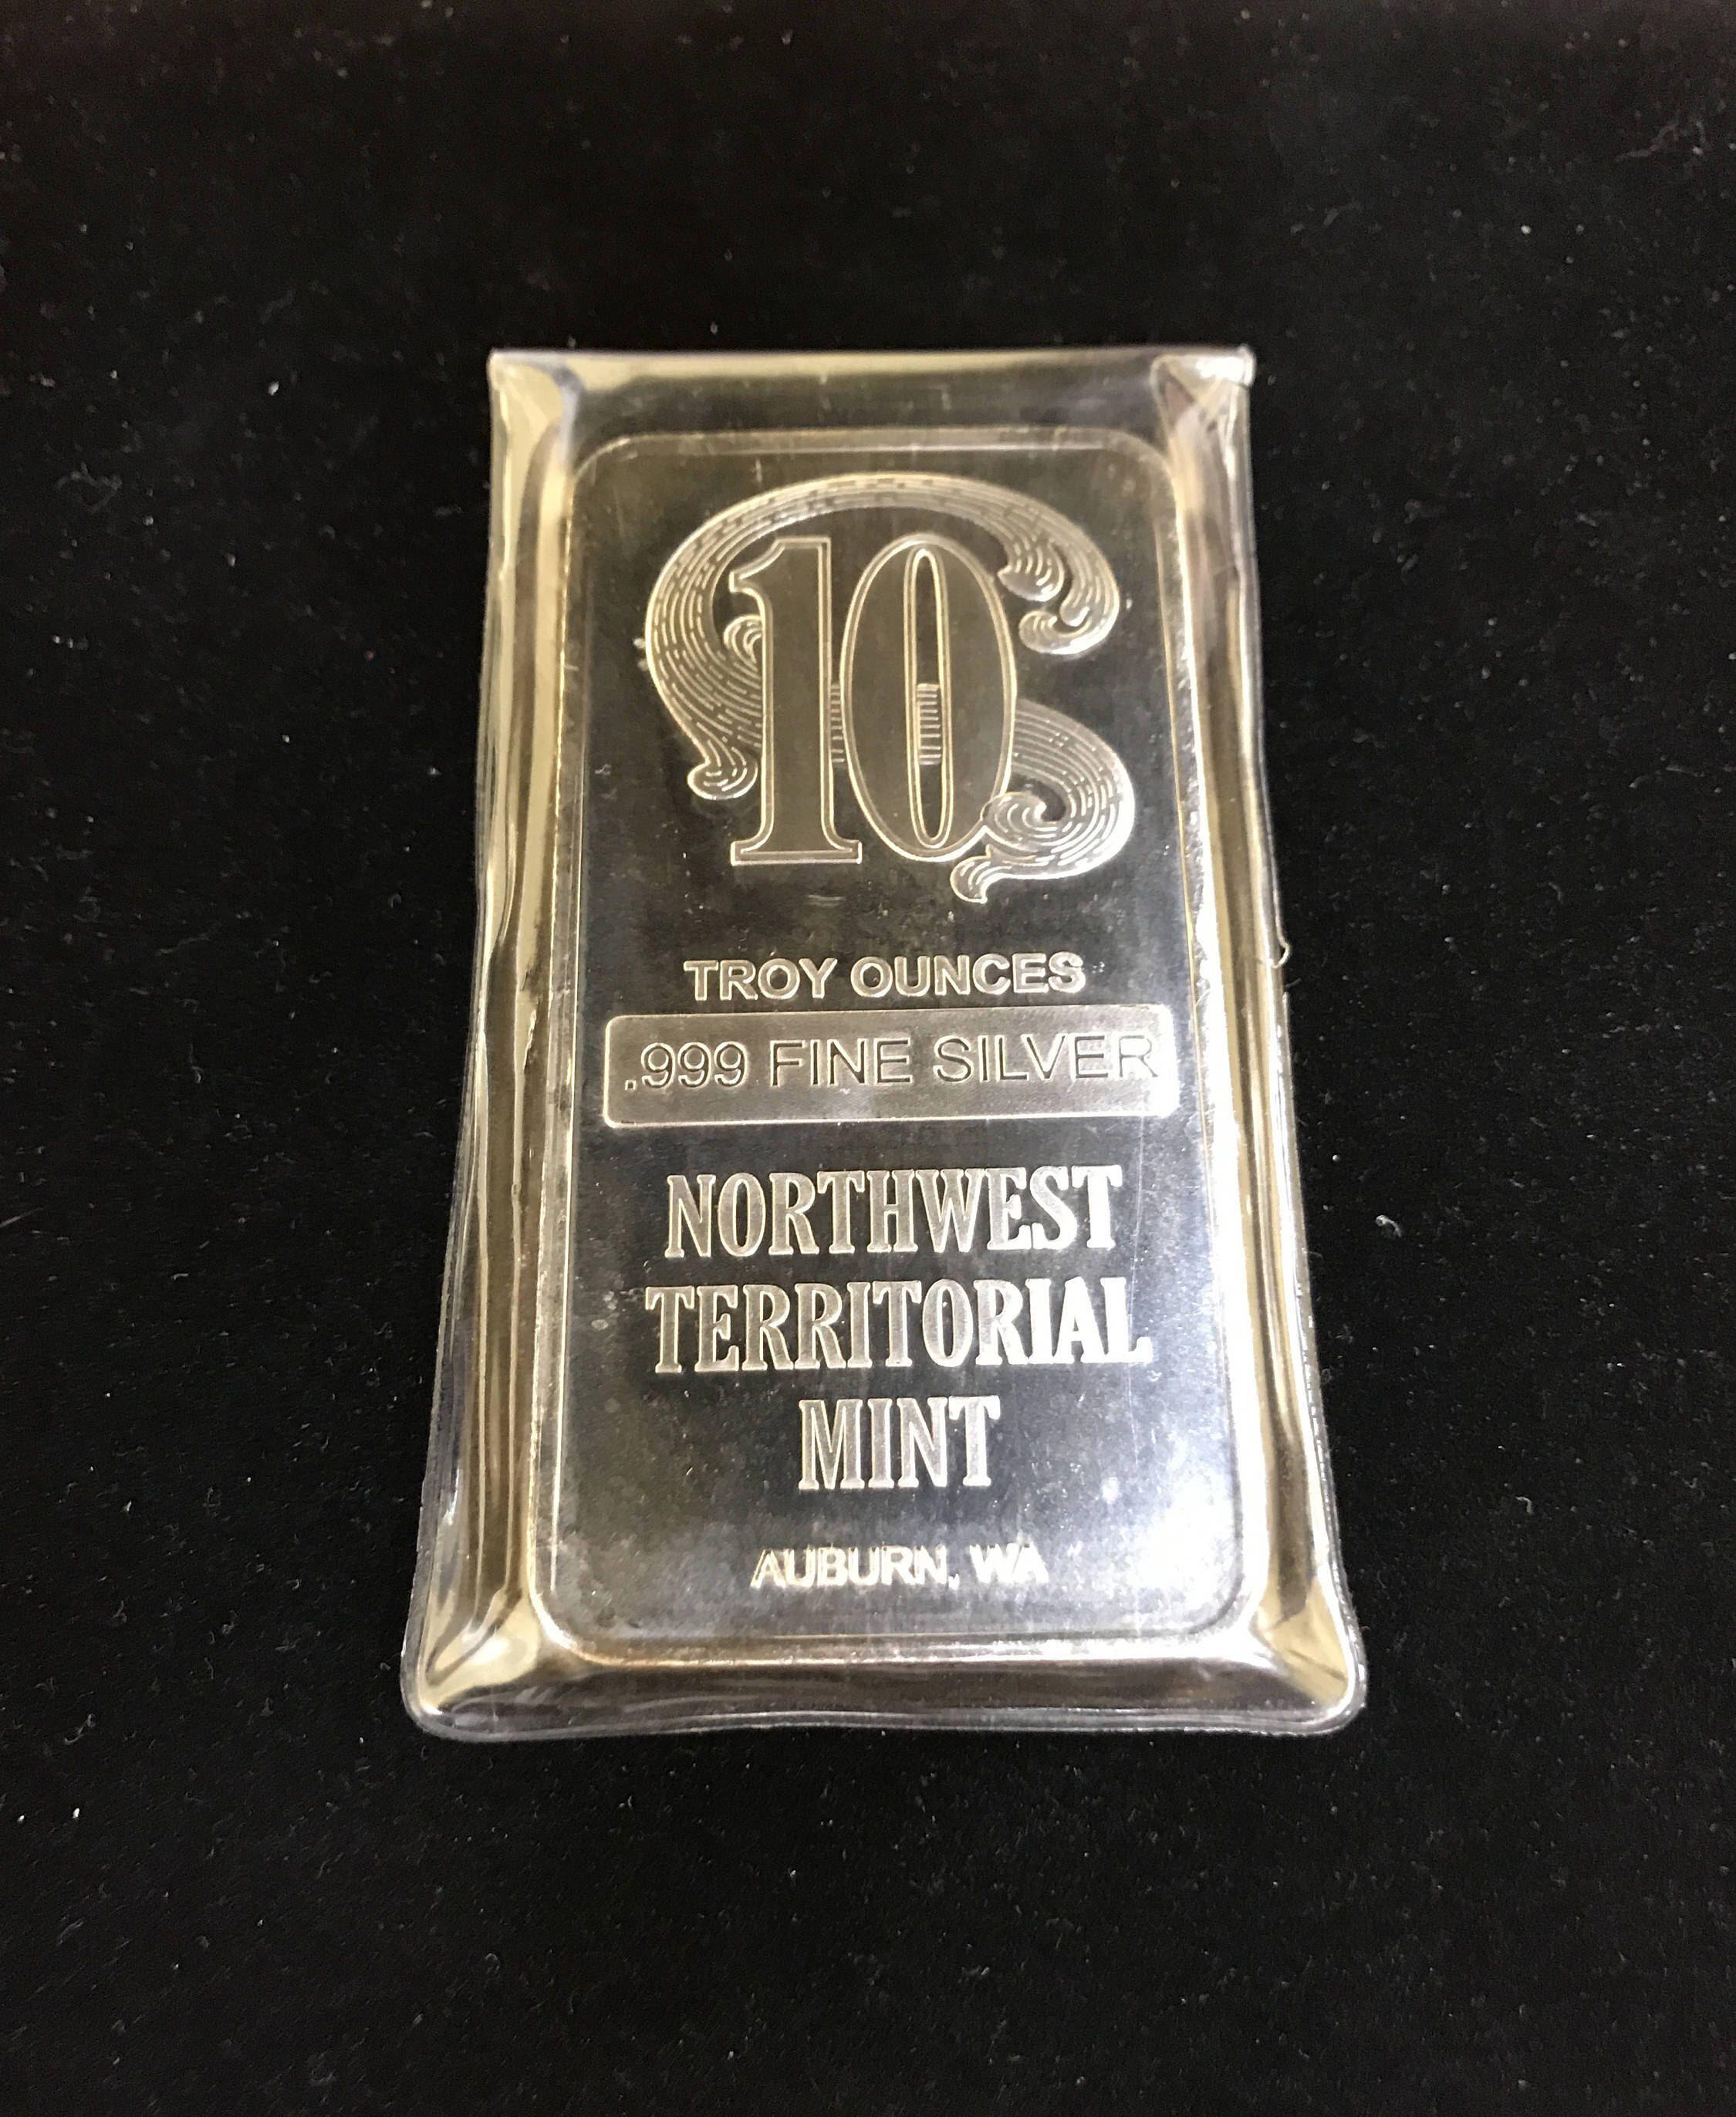 10 Oz Northwest Territorial Mint Silver Bar 10 Troy Oz 999 Etsy Silver Bars Silver Silver Art